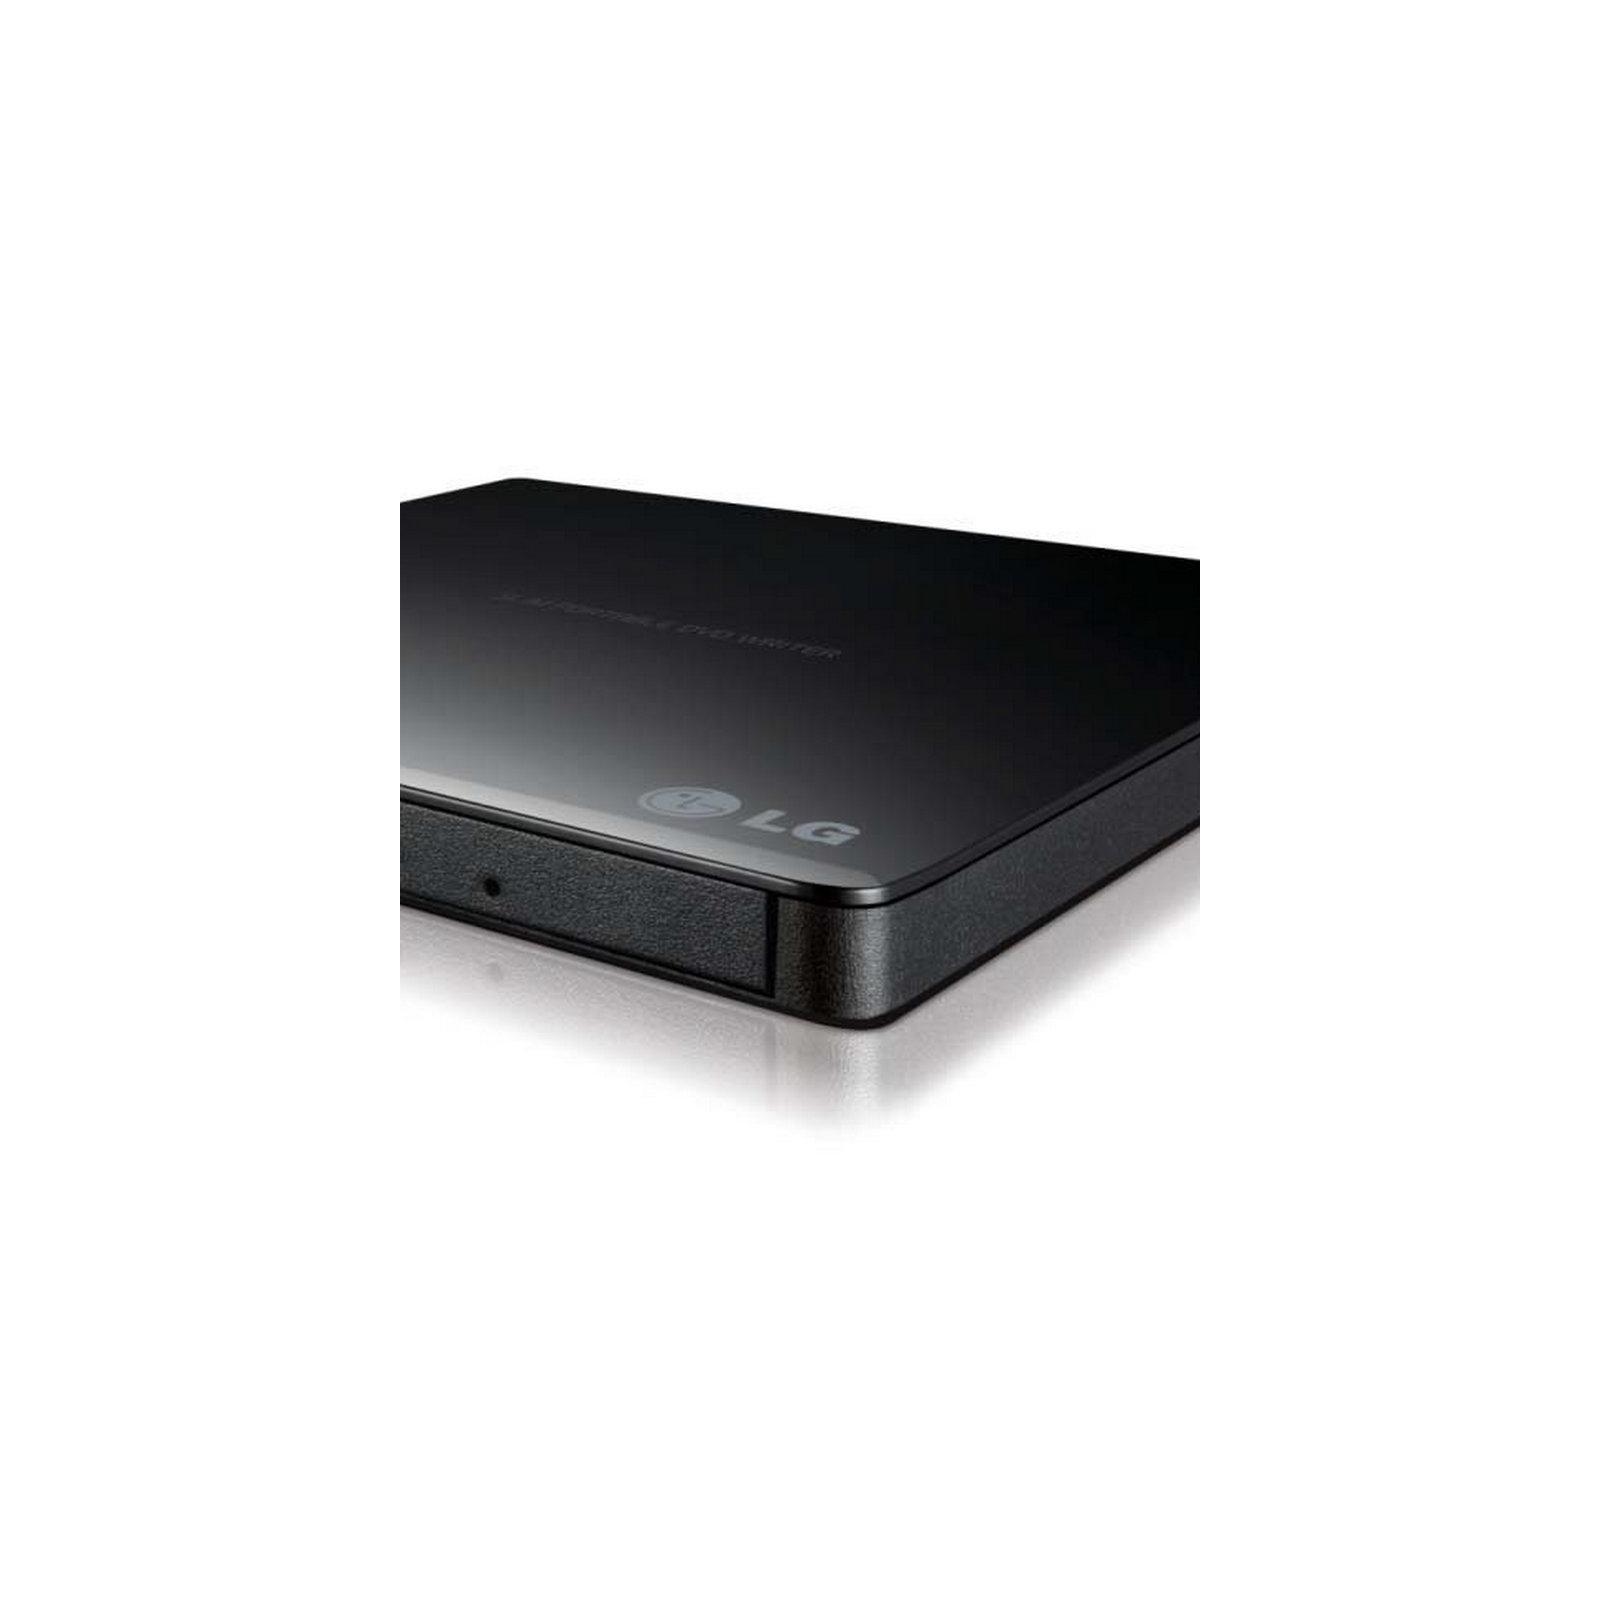 Оптический привод DVD±RW LG ODD GP57EB40 изображение 5